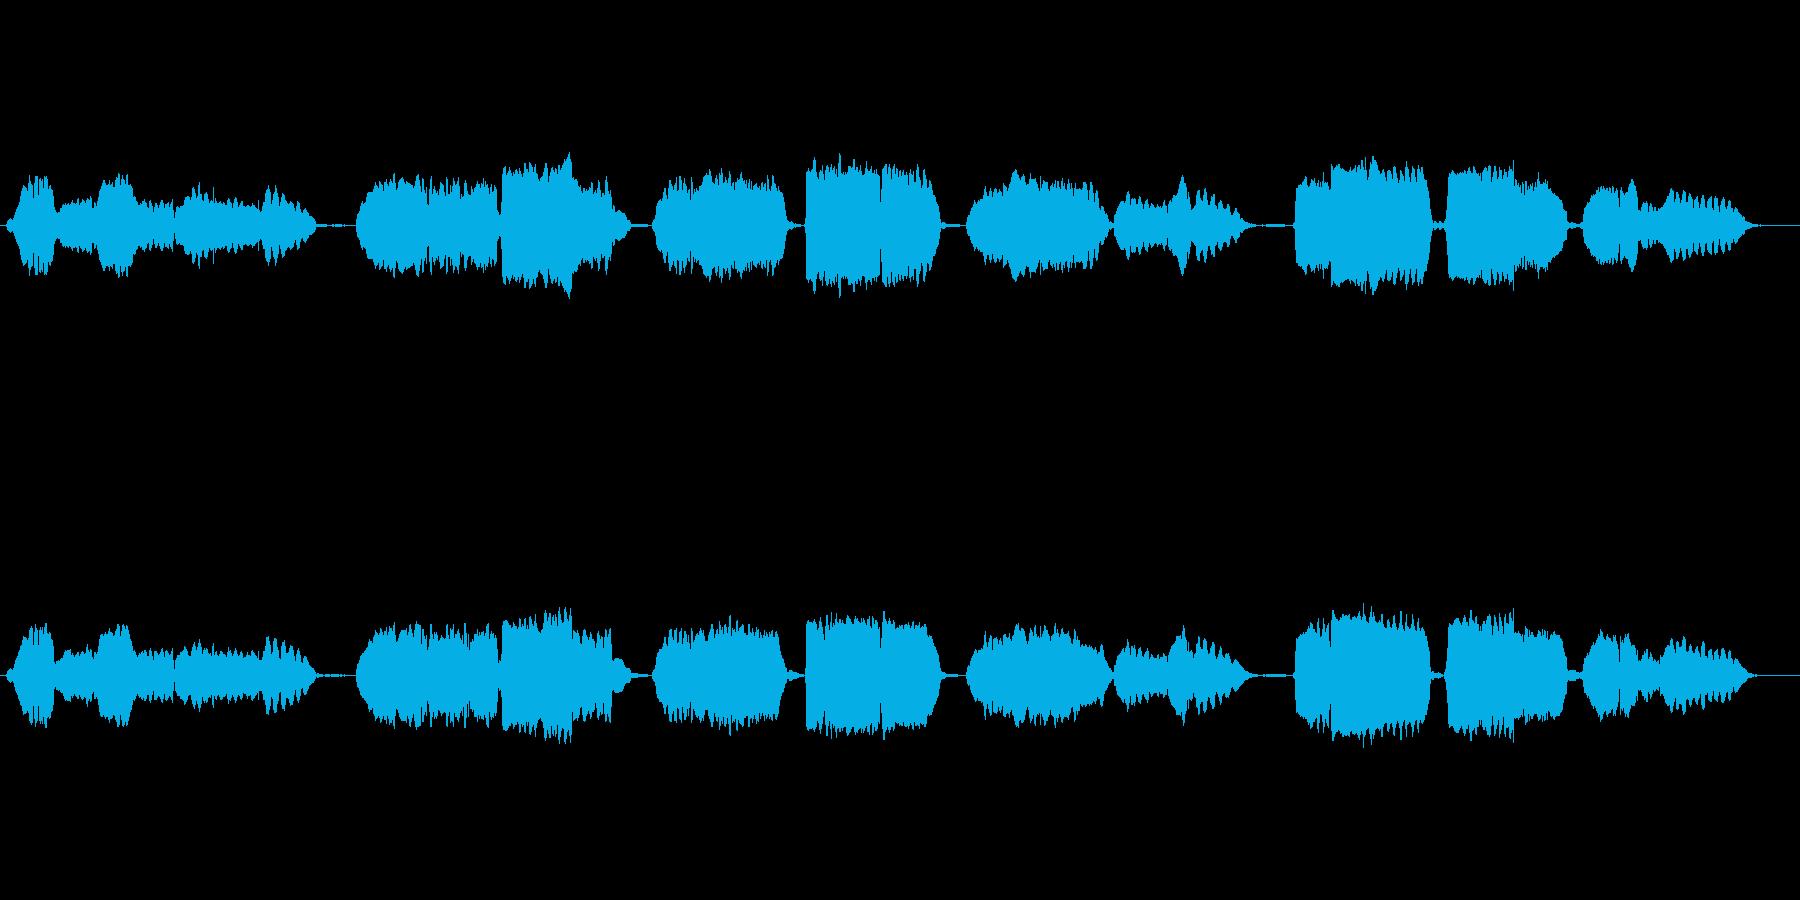 日本国歌「君が代」の篠笛独奏の再生済みの波形